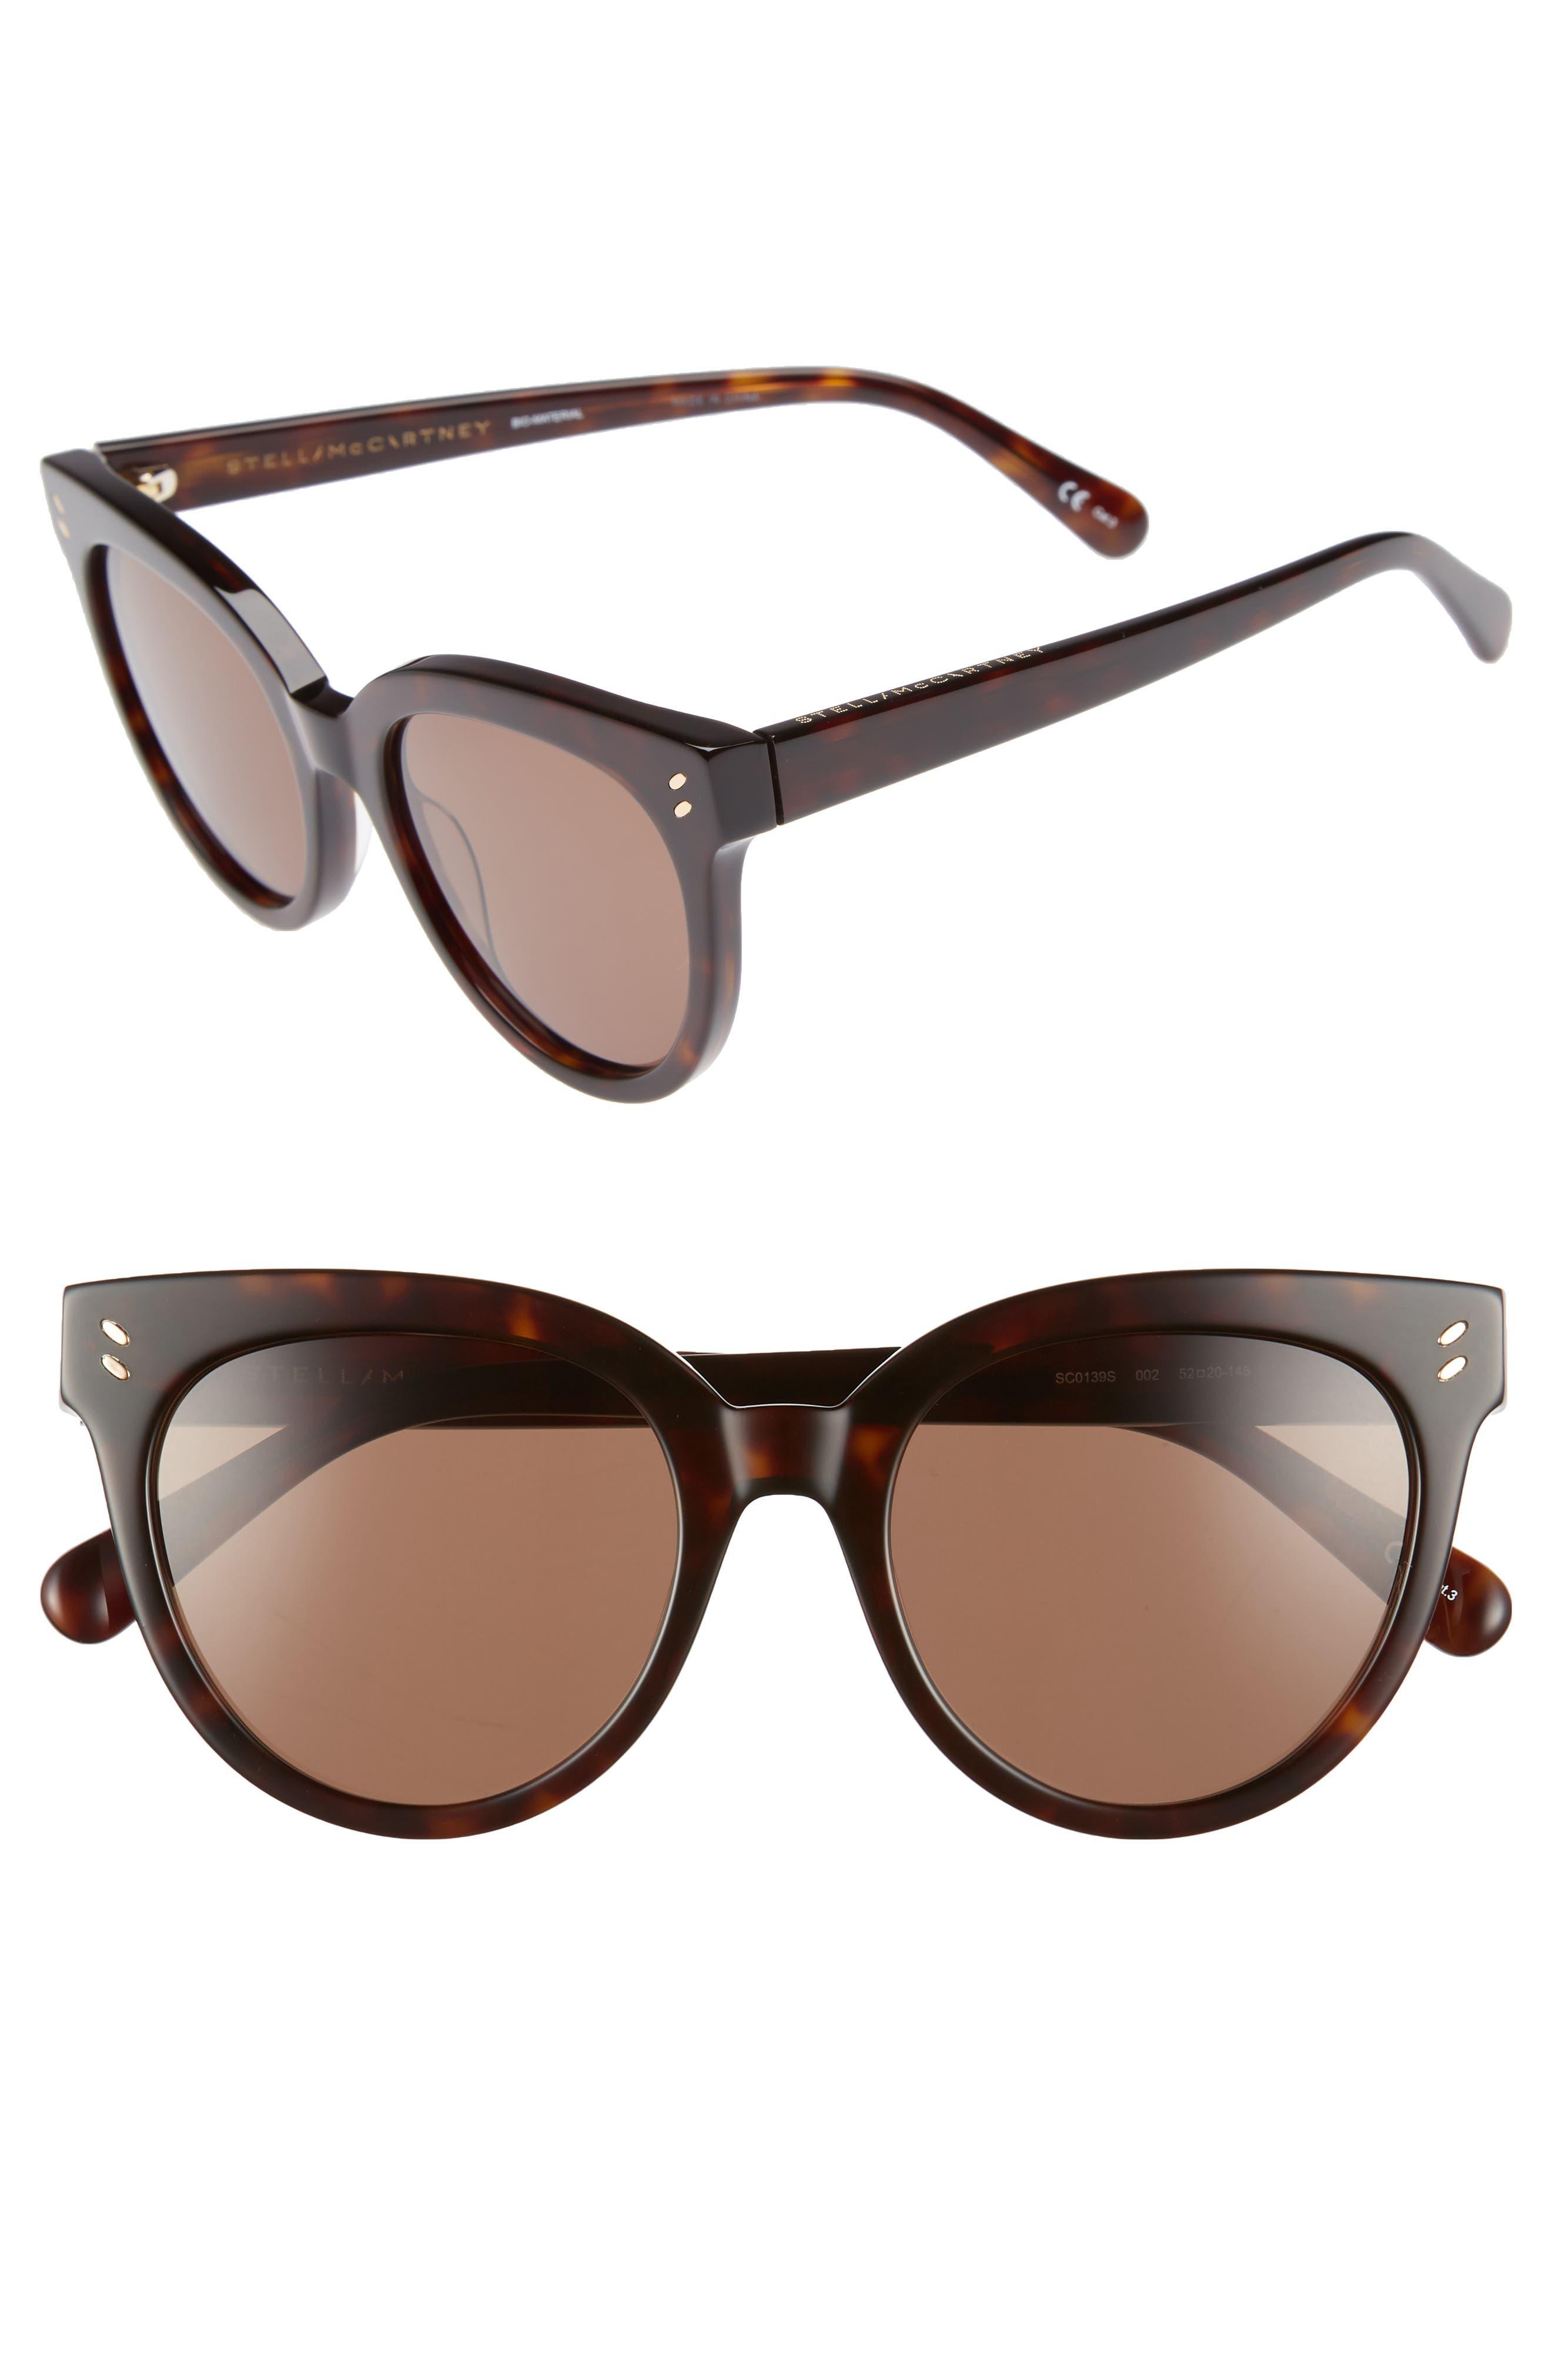 52mm Sunglasses,                             Main thumbnail 1, color,                             Shiny Dark Havana